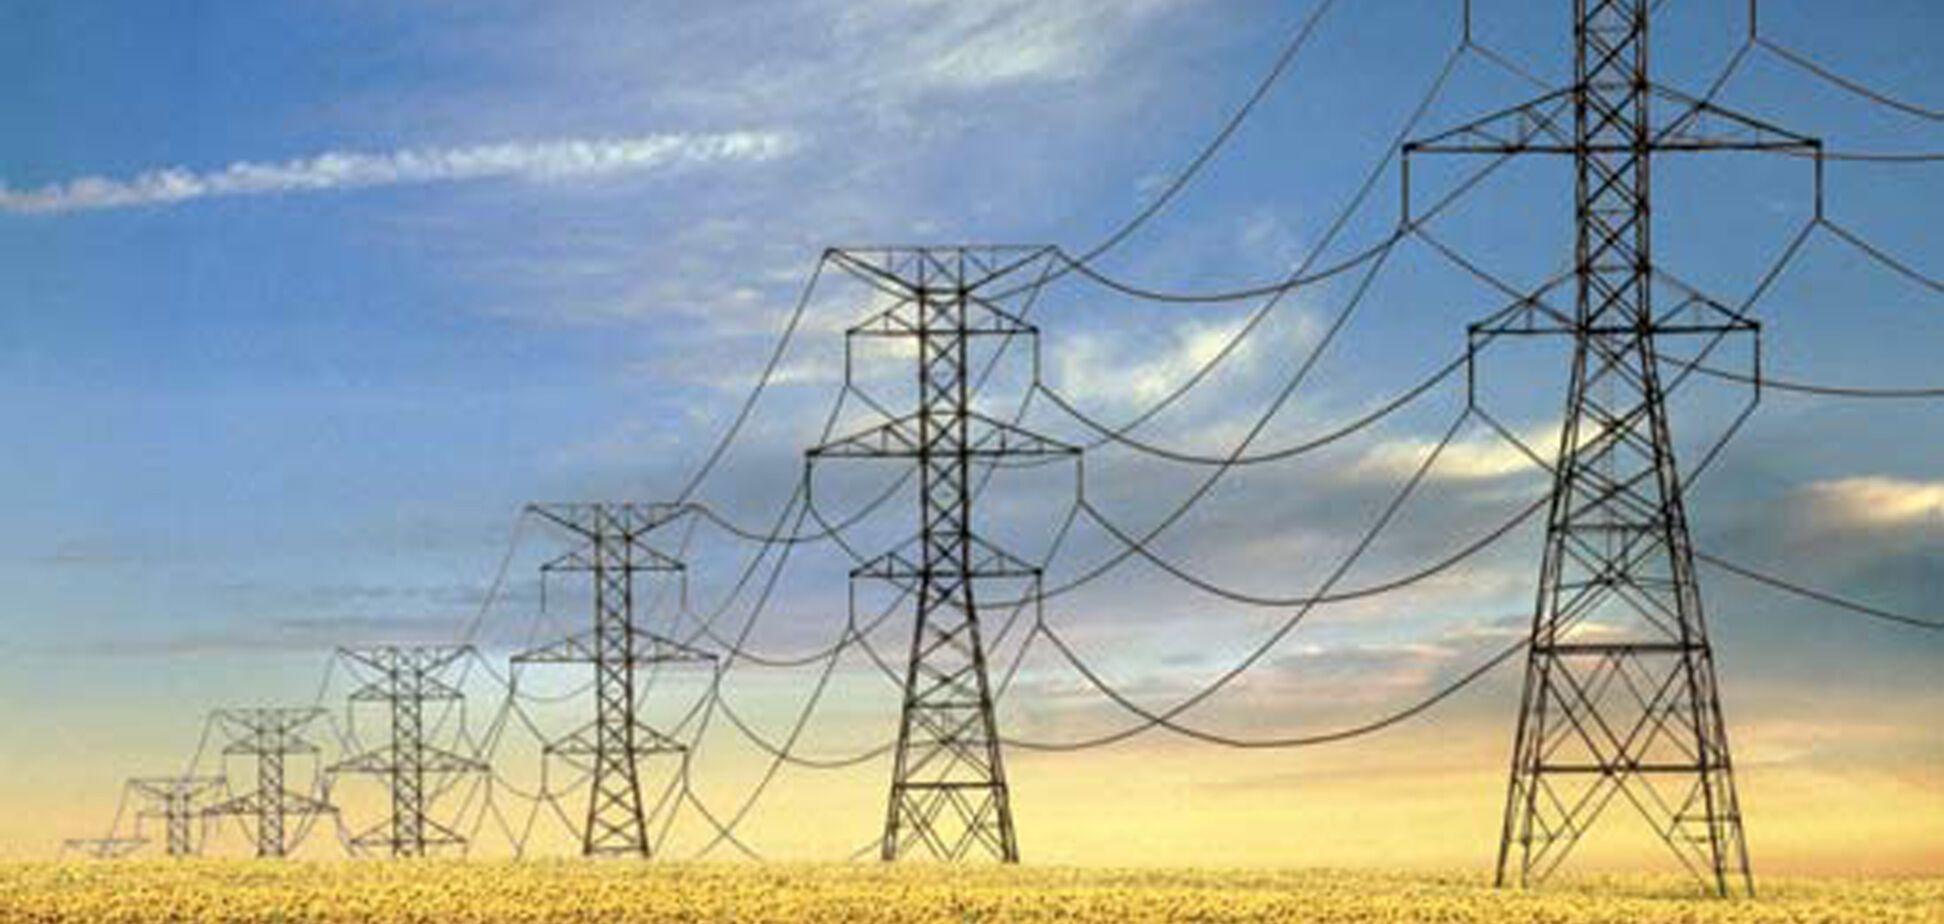 Глава НКРЭКУ поддержал снижение производства электроэнергии в новом энергобалансе